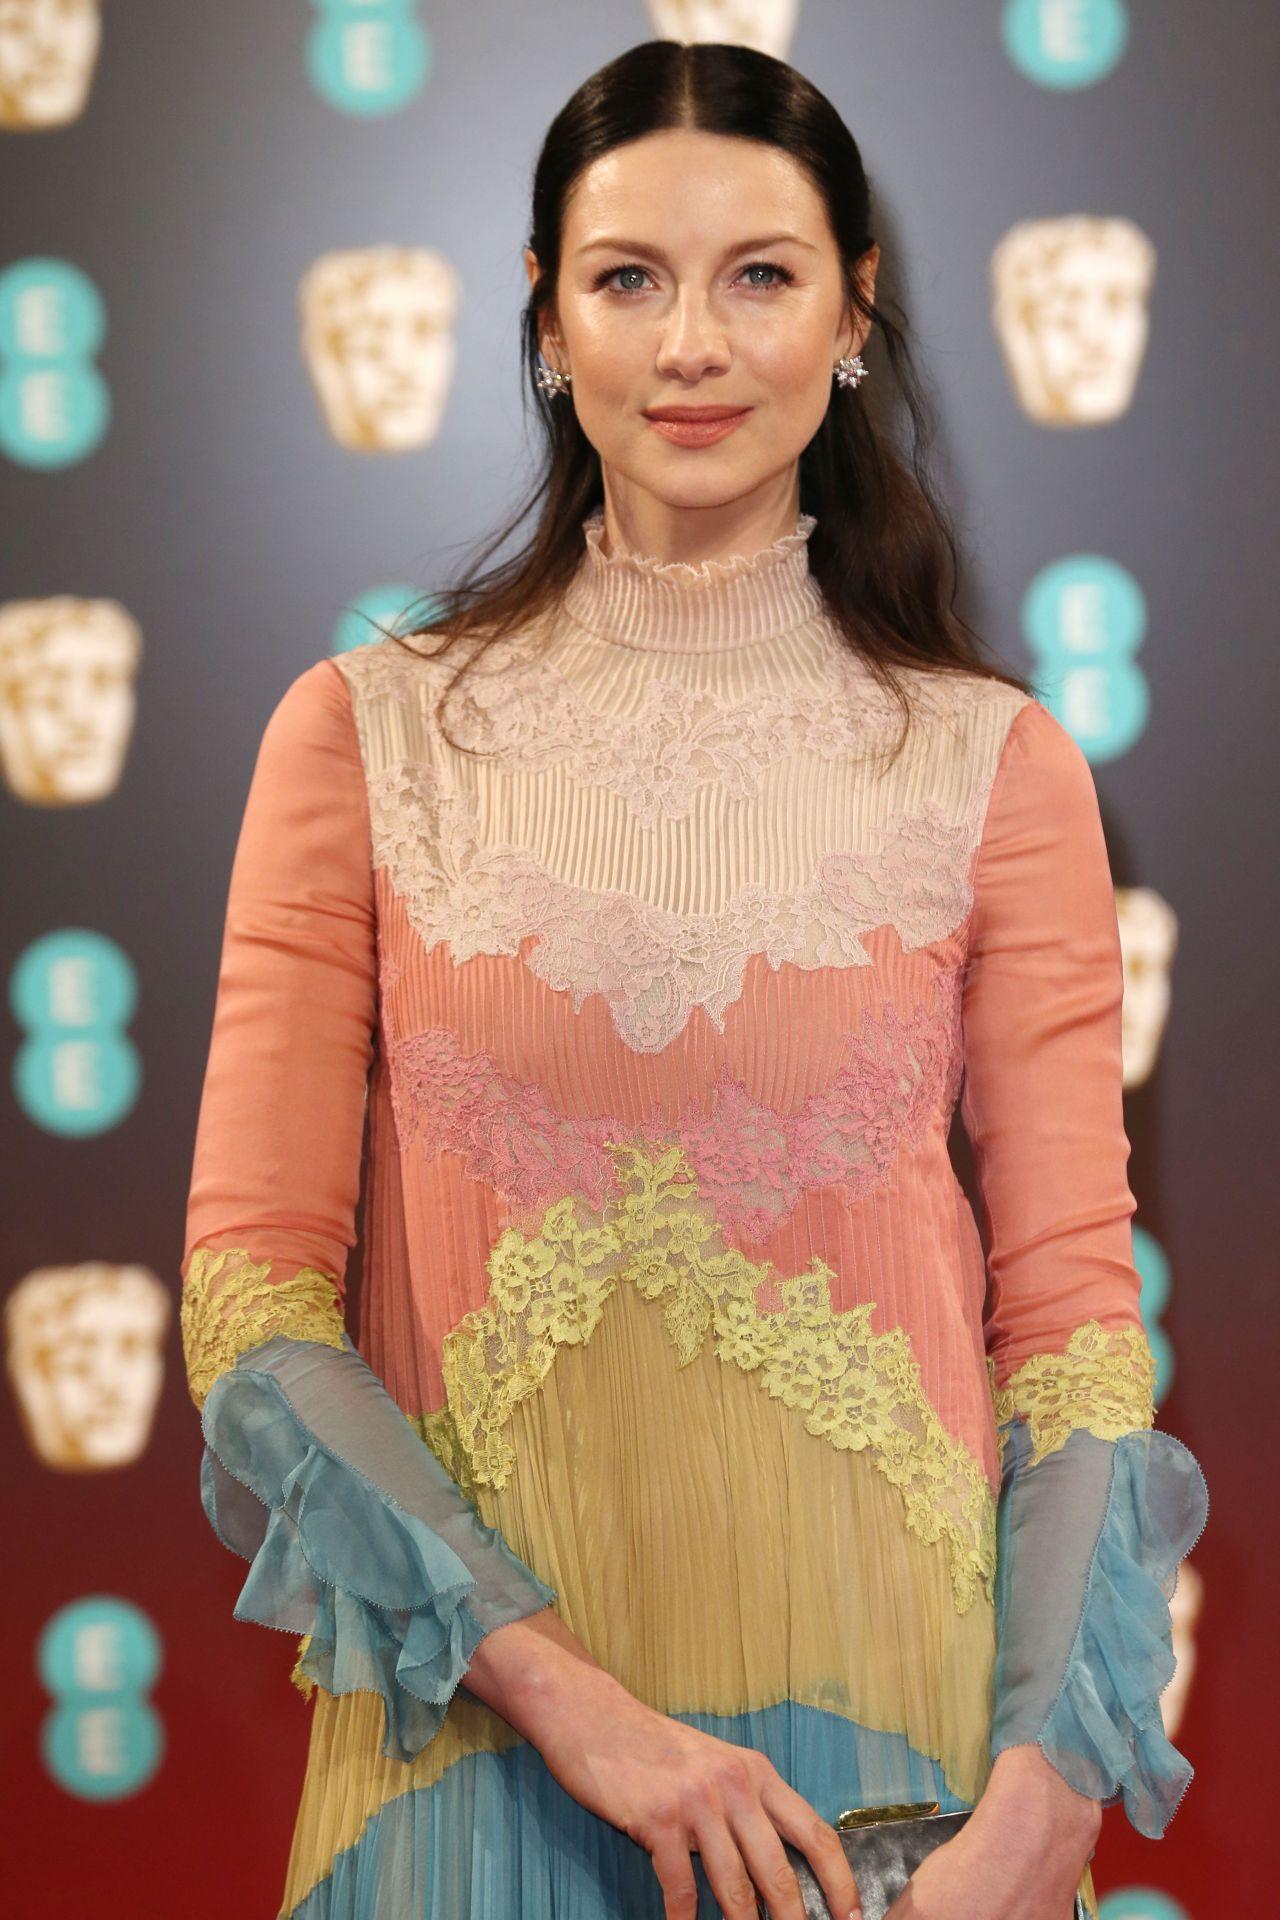 Caitriona Balfe on Red Carpet - BAFTA Awards in London, UK 2/12/ 2017